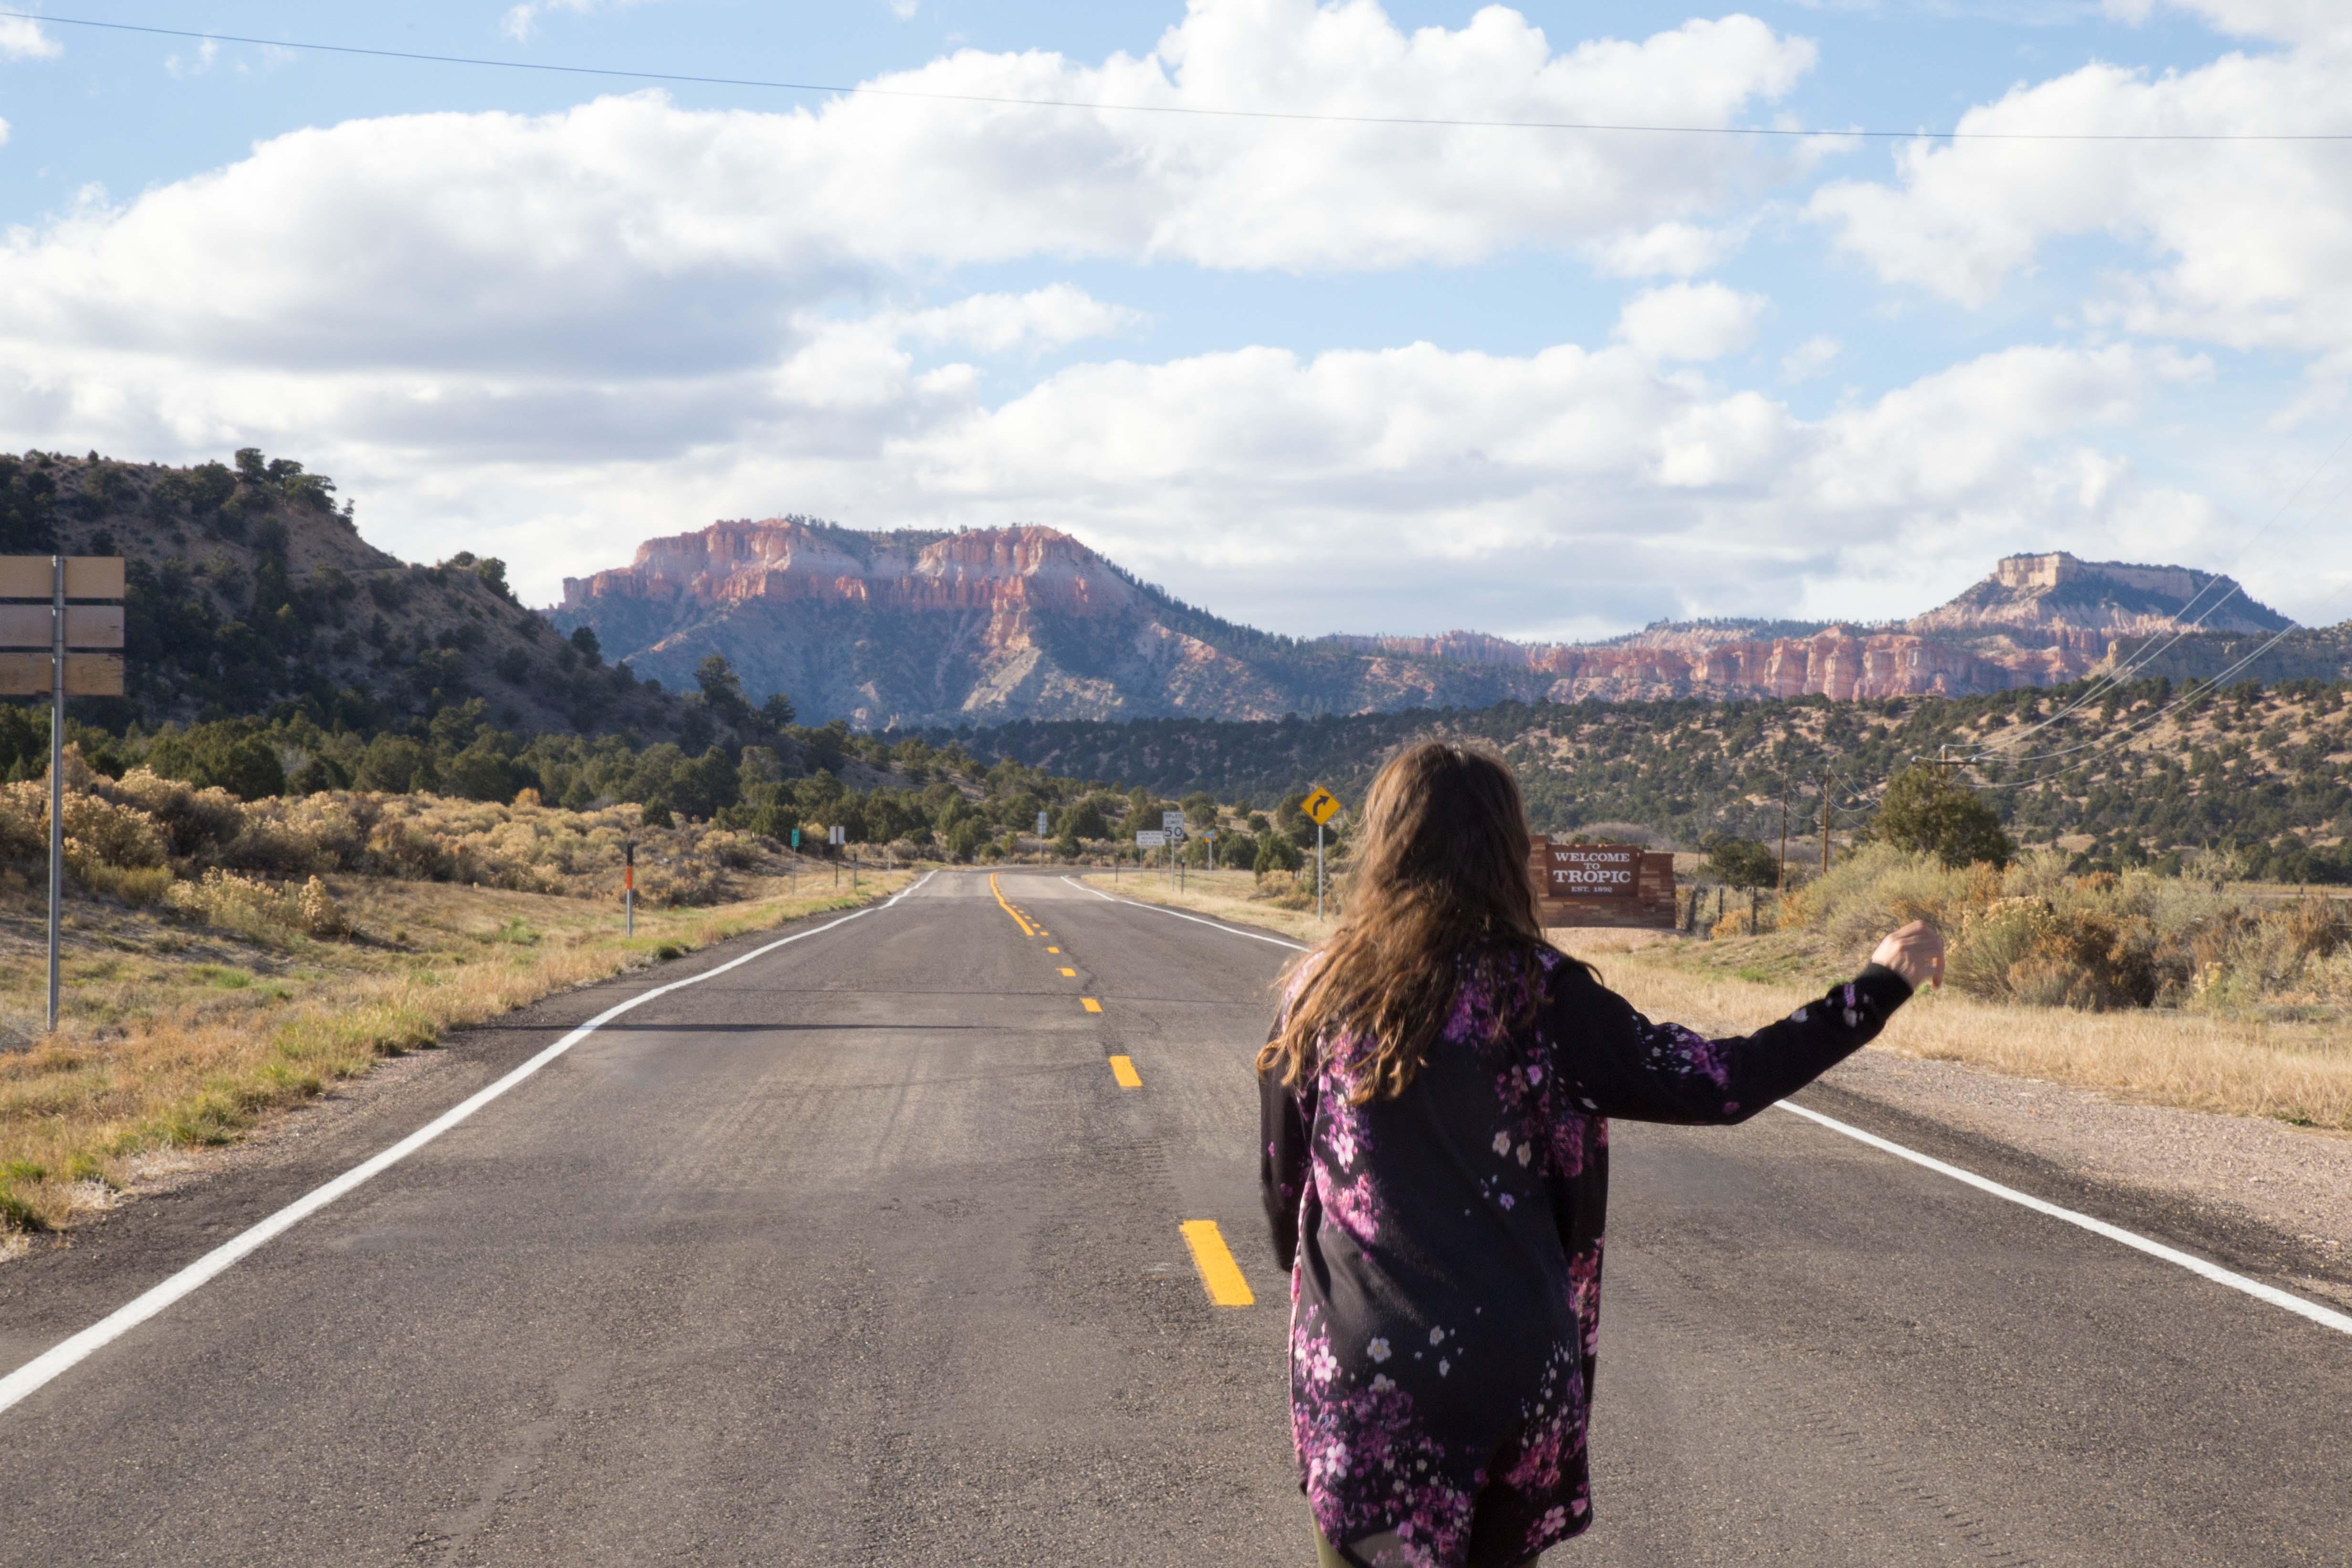 #VANLIFE: I 10 MIGLIORI PROFILI INSTAGRAM SULLA VITA ON THE ROAD